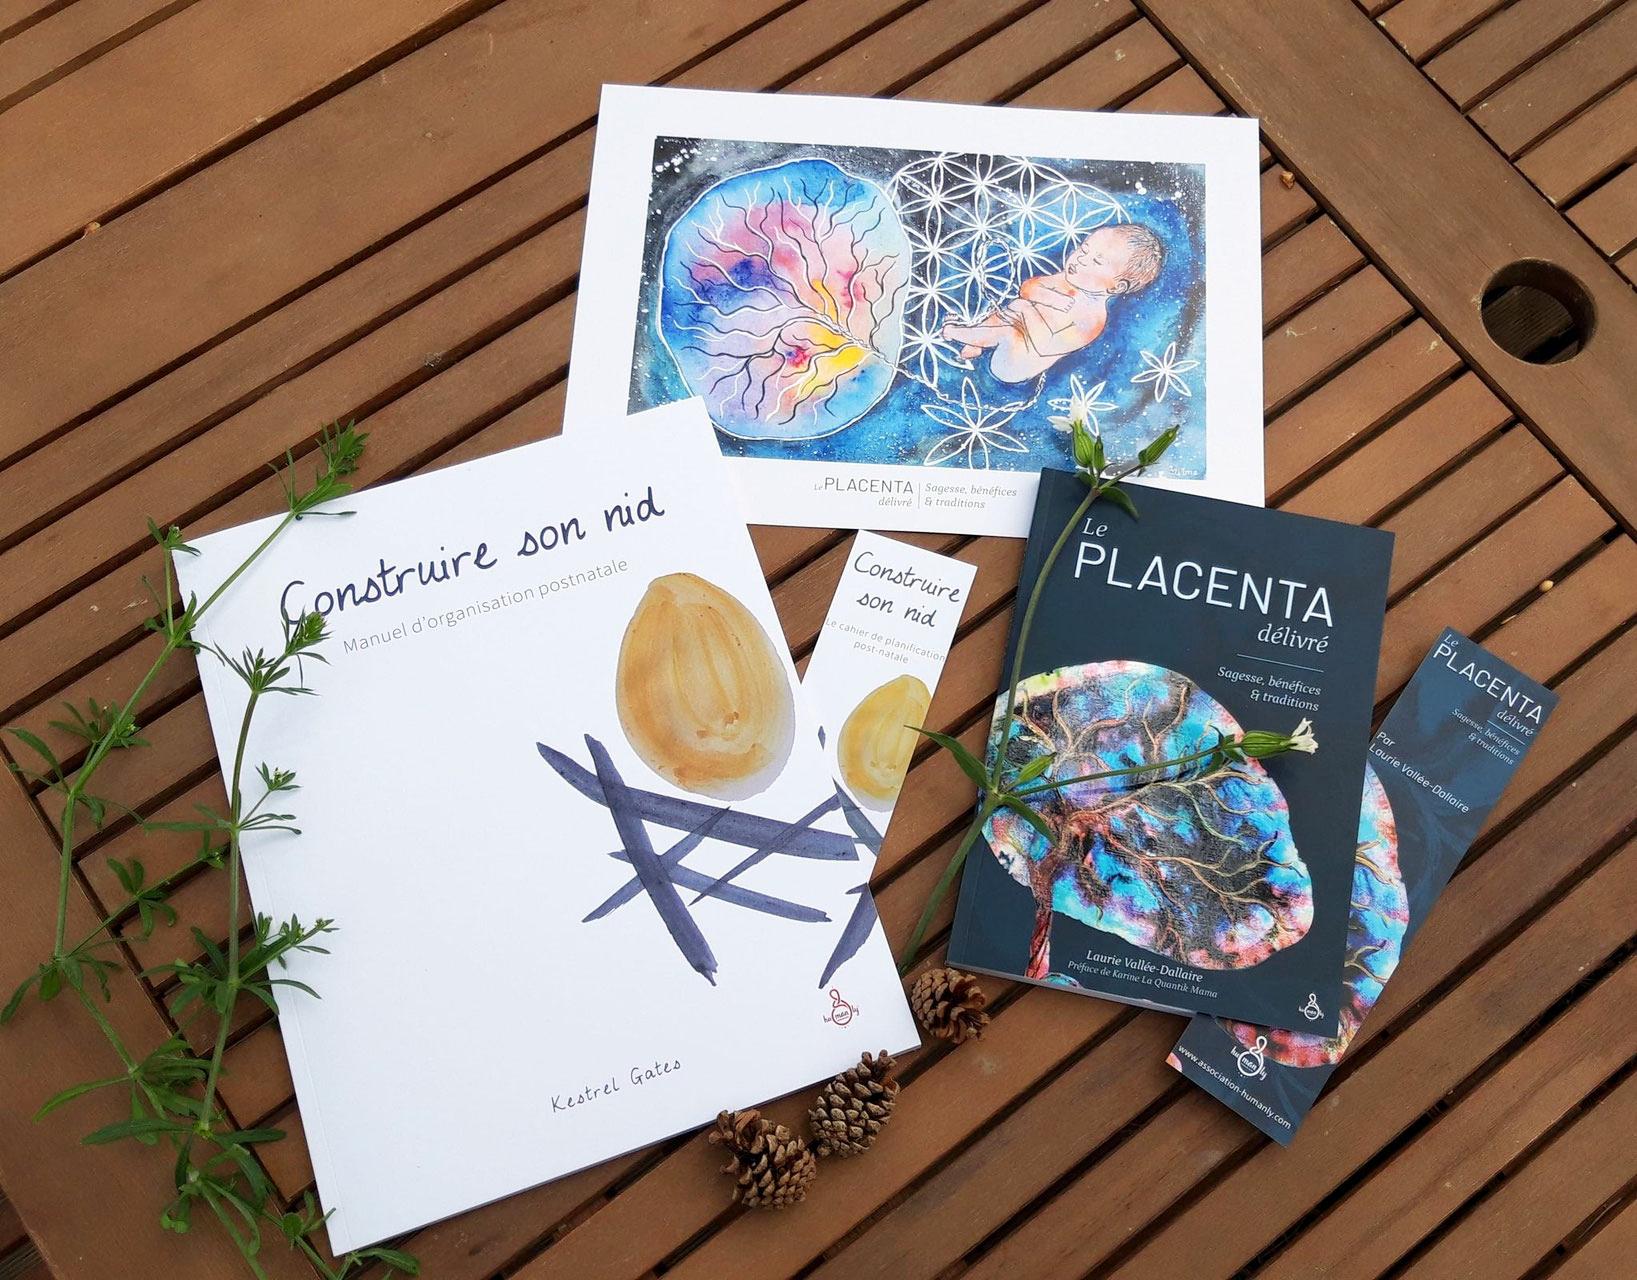 couvertures des livres sur le placenta et le postnatale et dessin de placenta